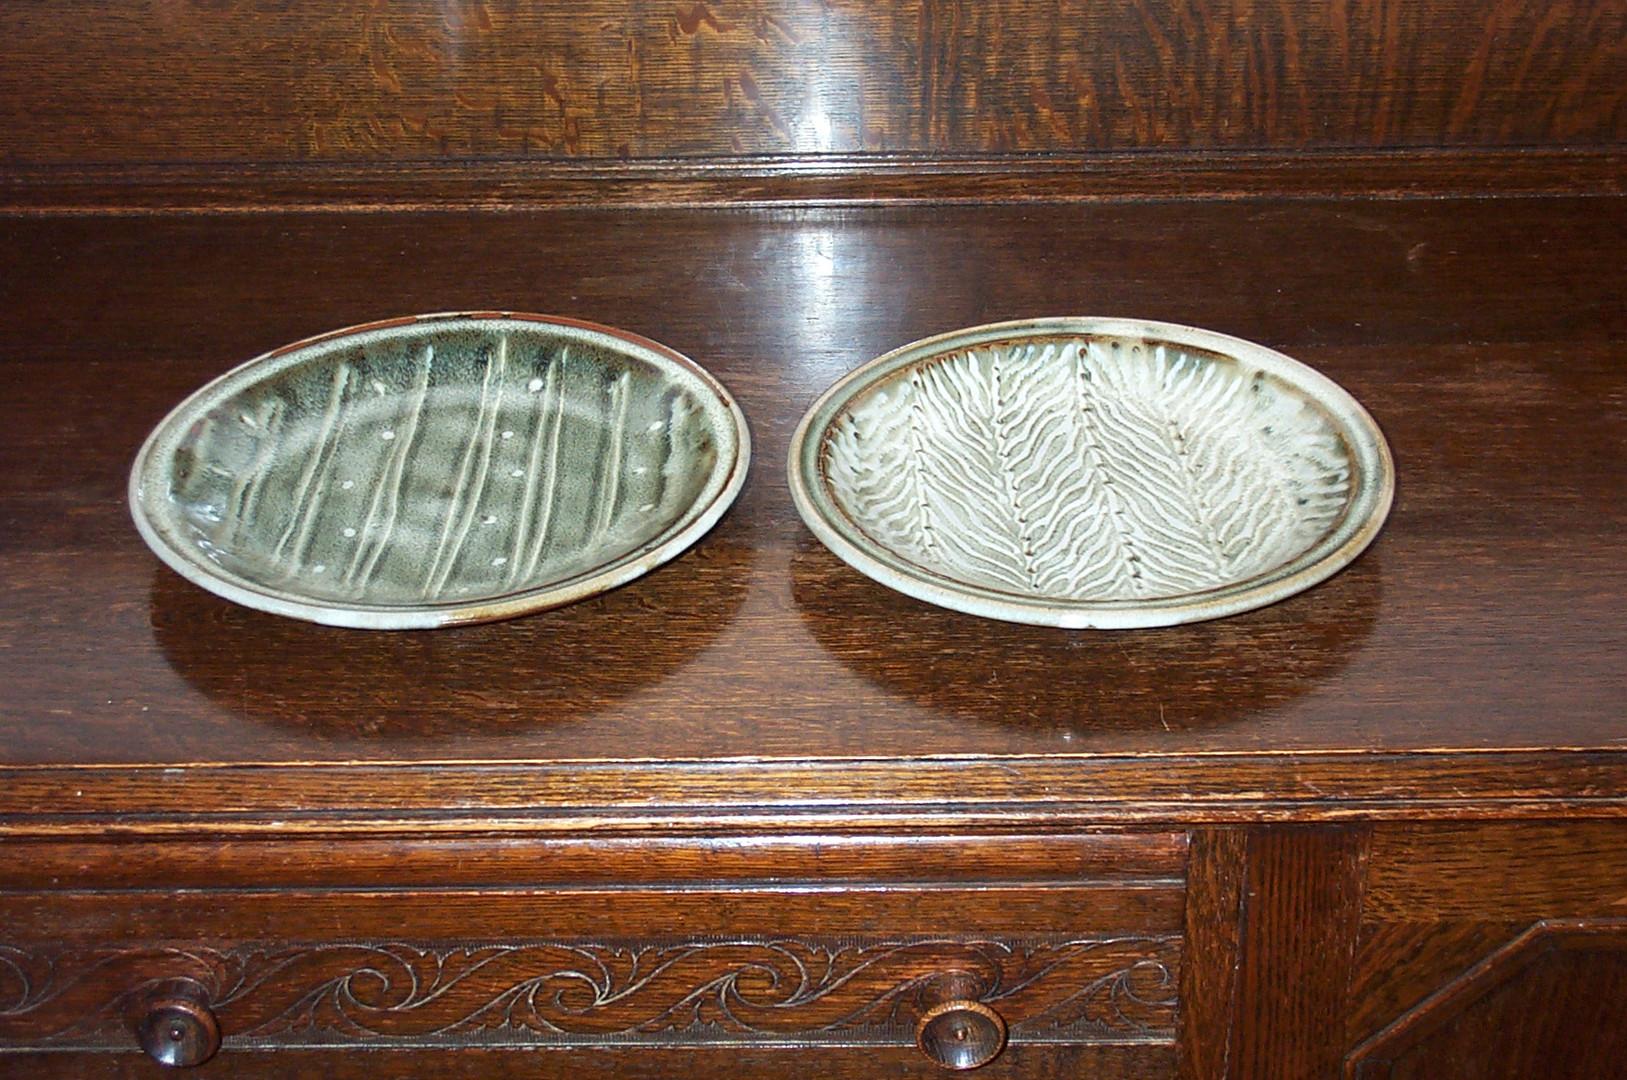 063-065dinner plates.jpg